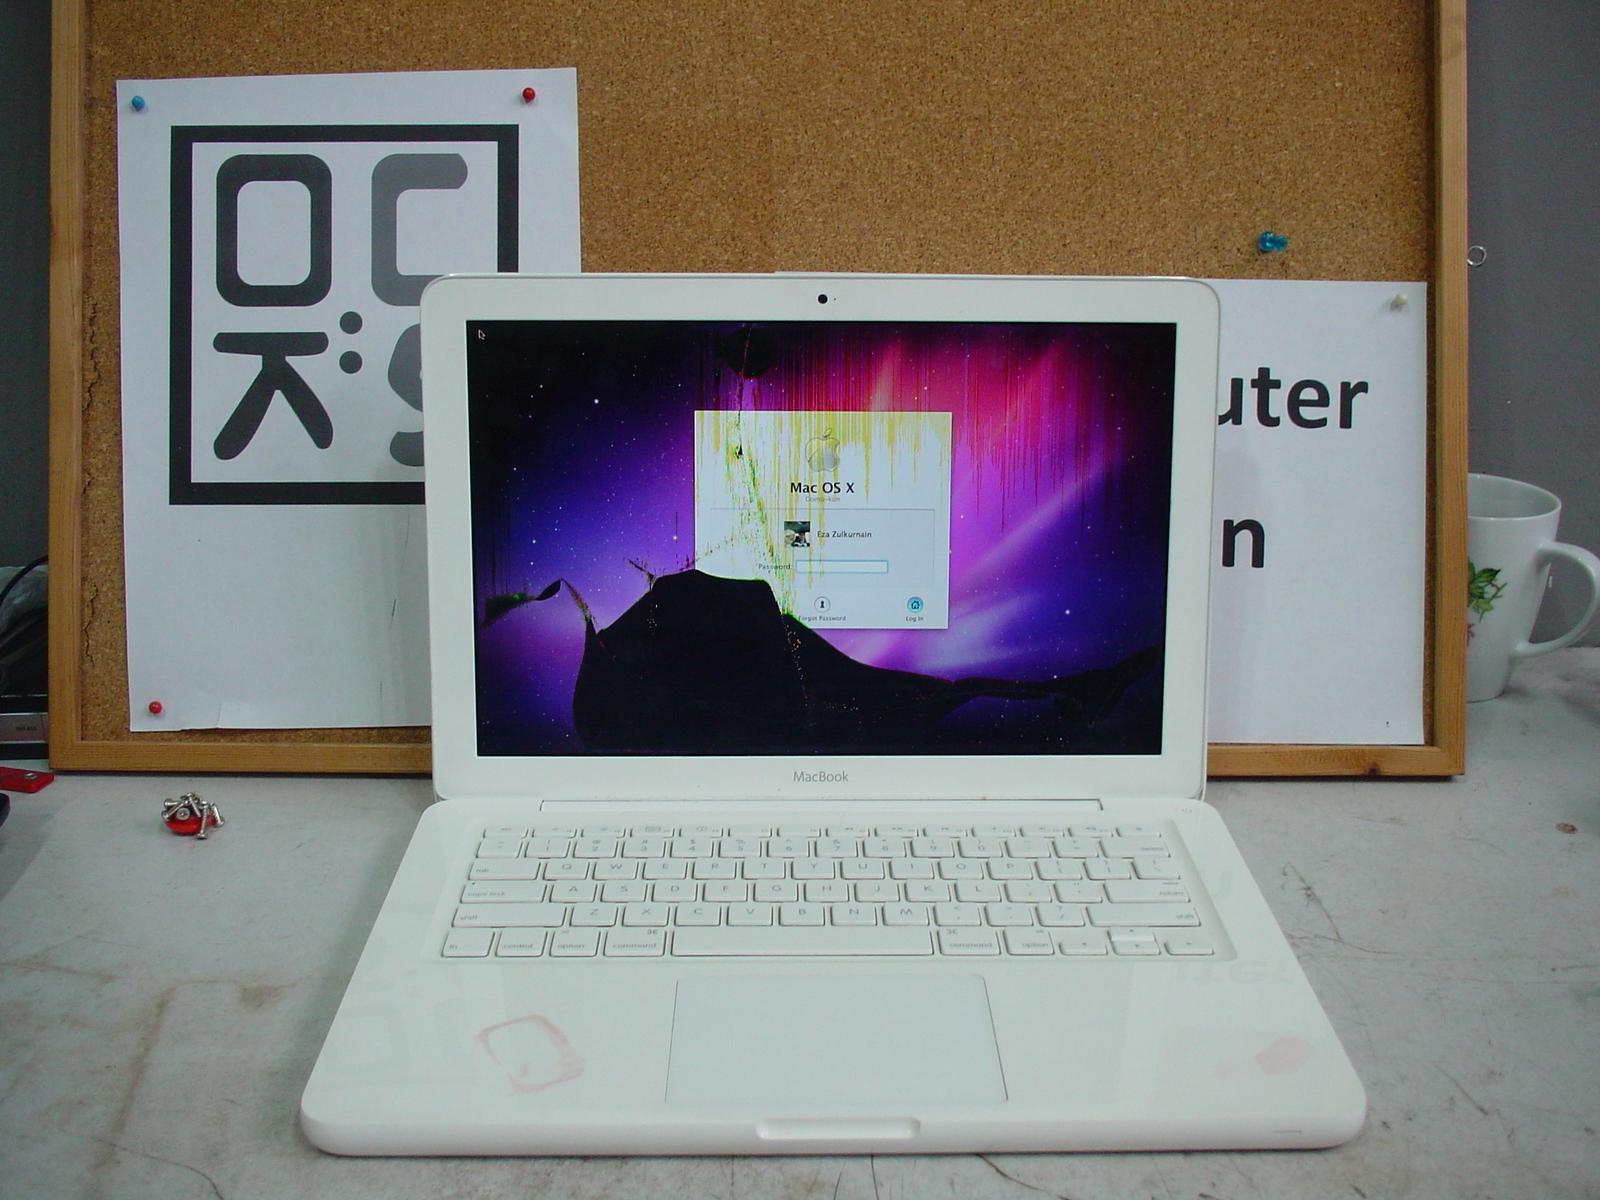 Apple Macbook Before JPG